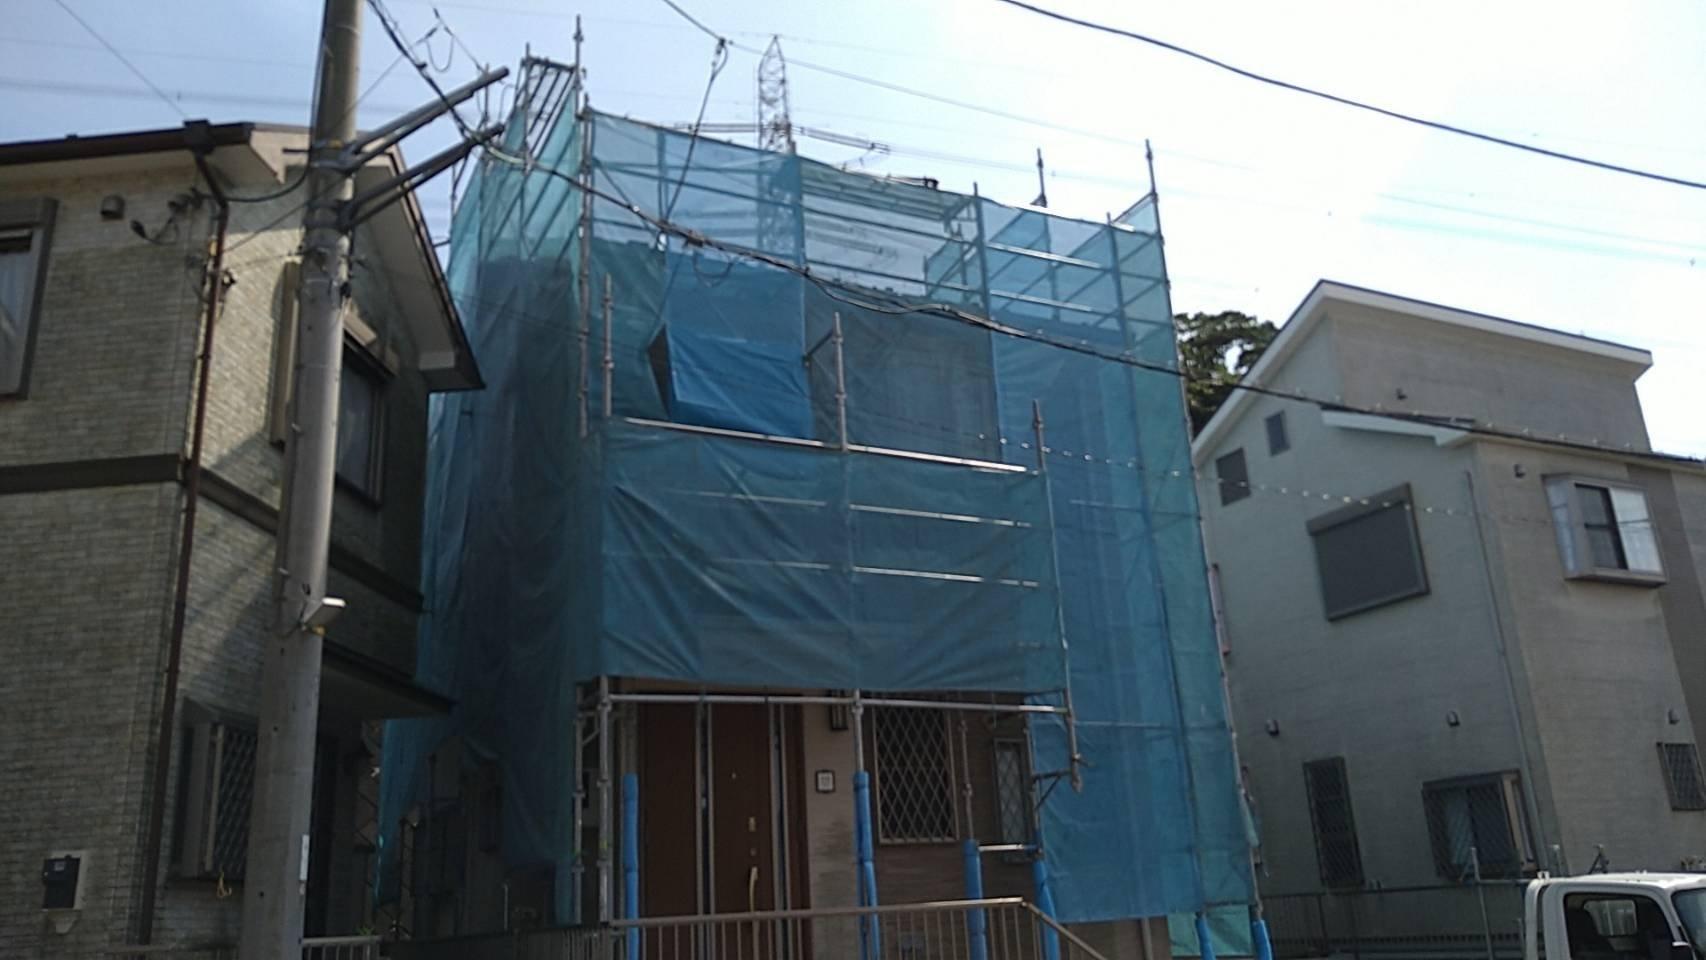 神奈川県横須賀市ハイランド 足場工事施工事例 屋根工事